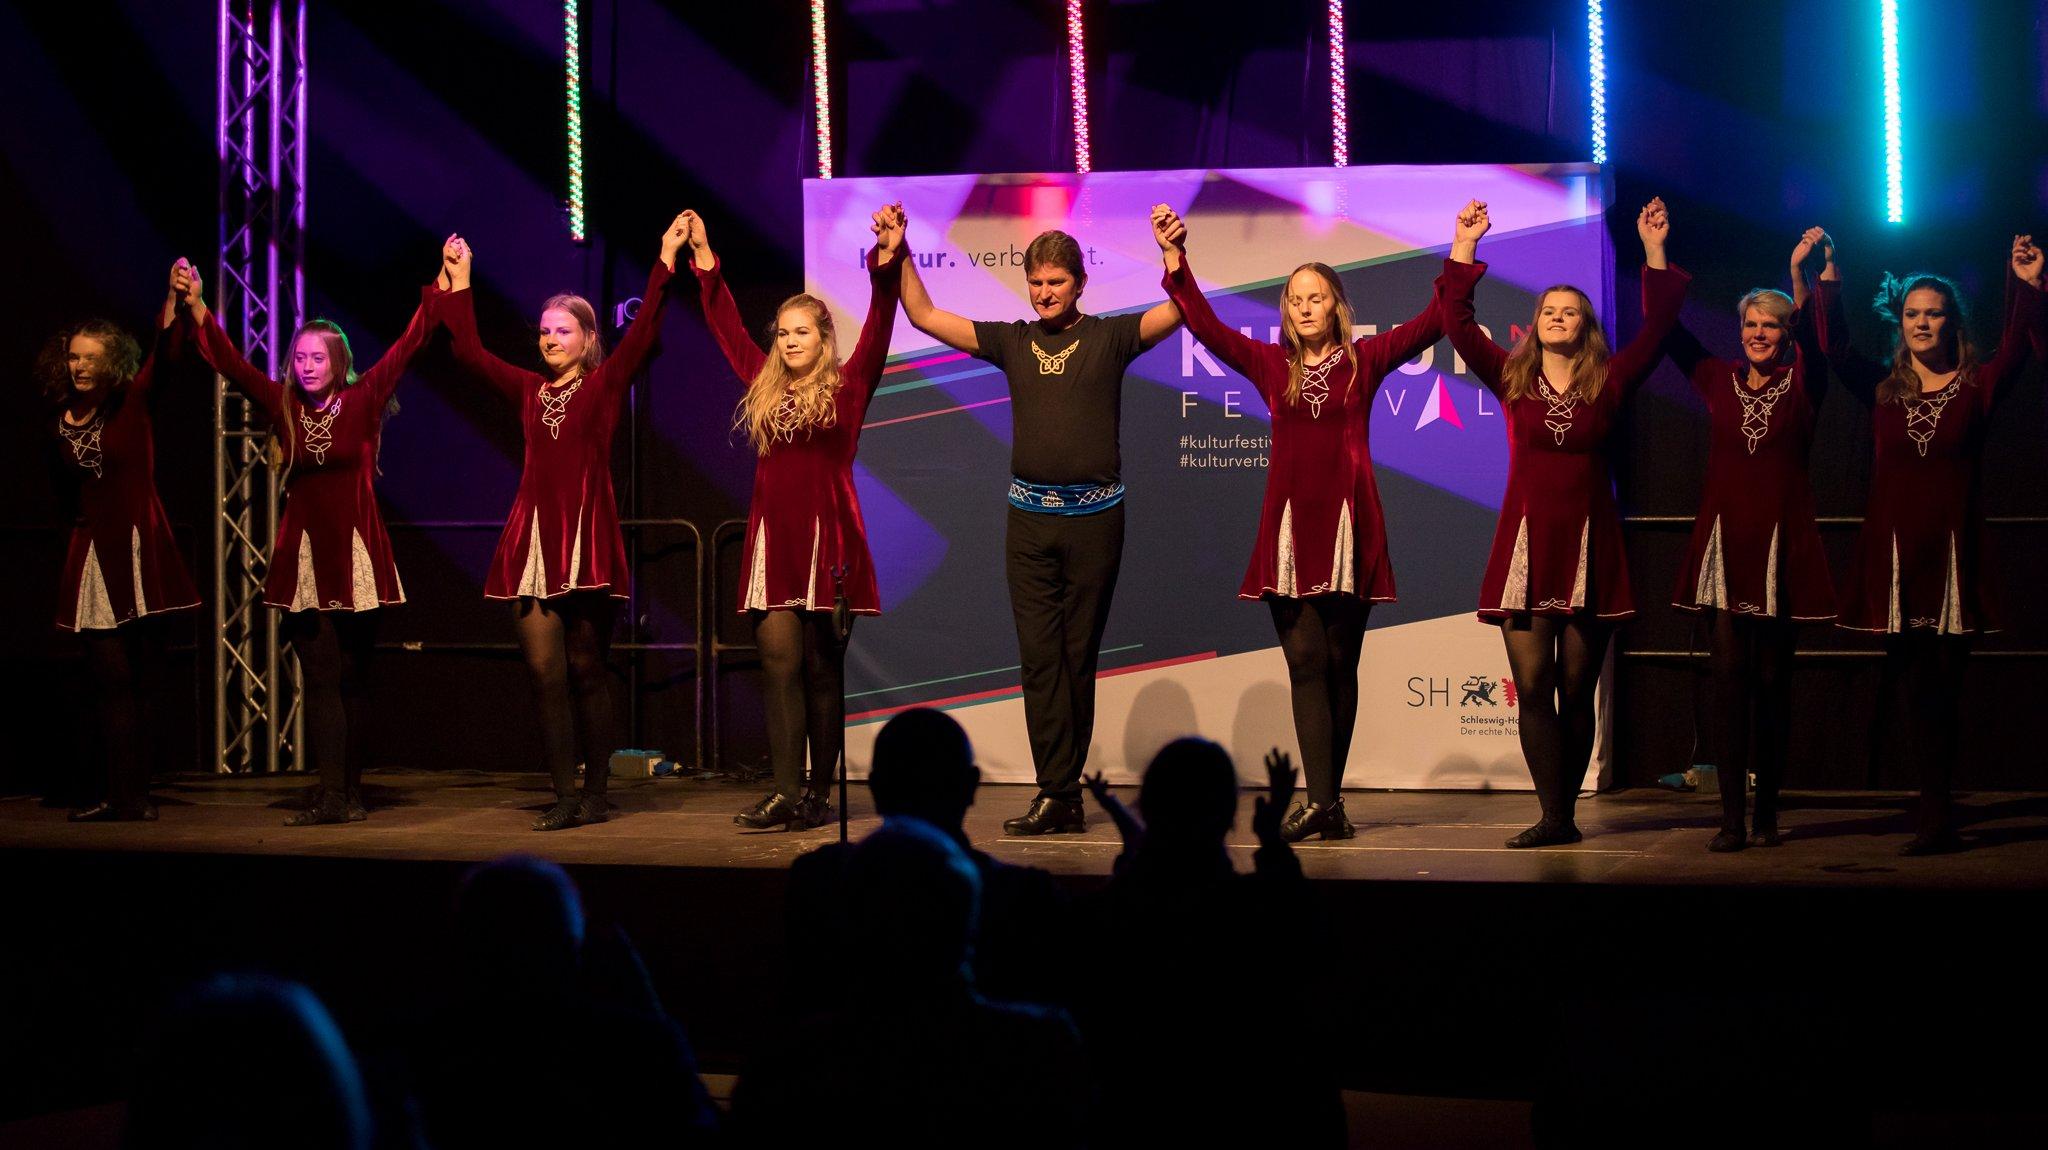 """: Unter Tanztrainer Gernot Graaf zeigt die Gruppe """"Celtic Dance"""" ihren Irish Dance mit Softshoes und Irish-Hardshoe-Dance (Stepptanz)!"""